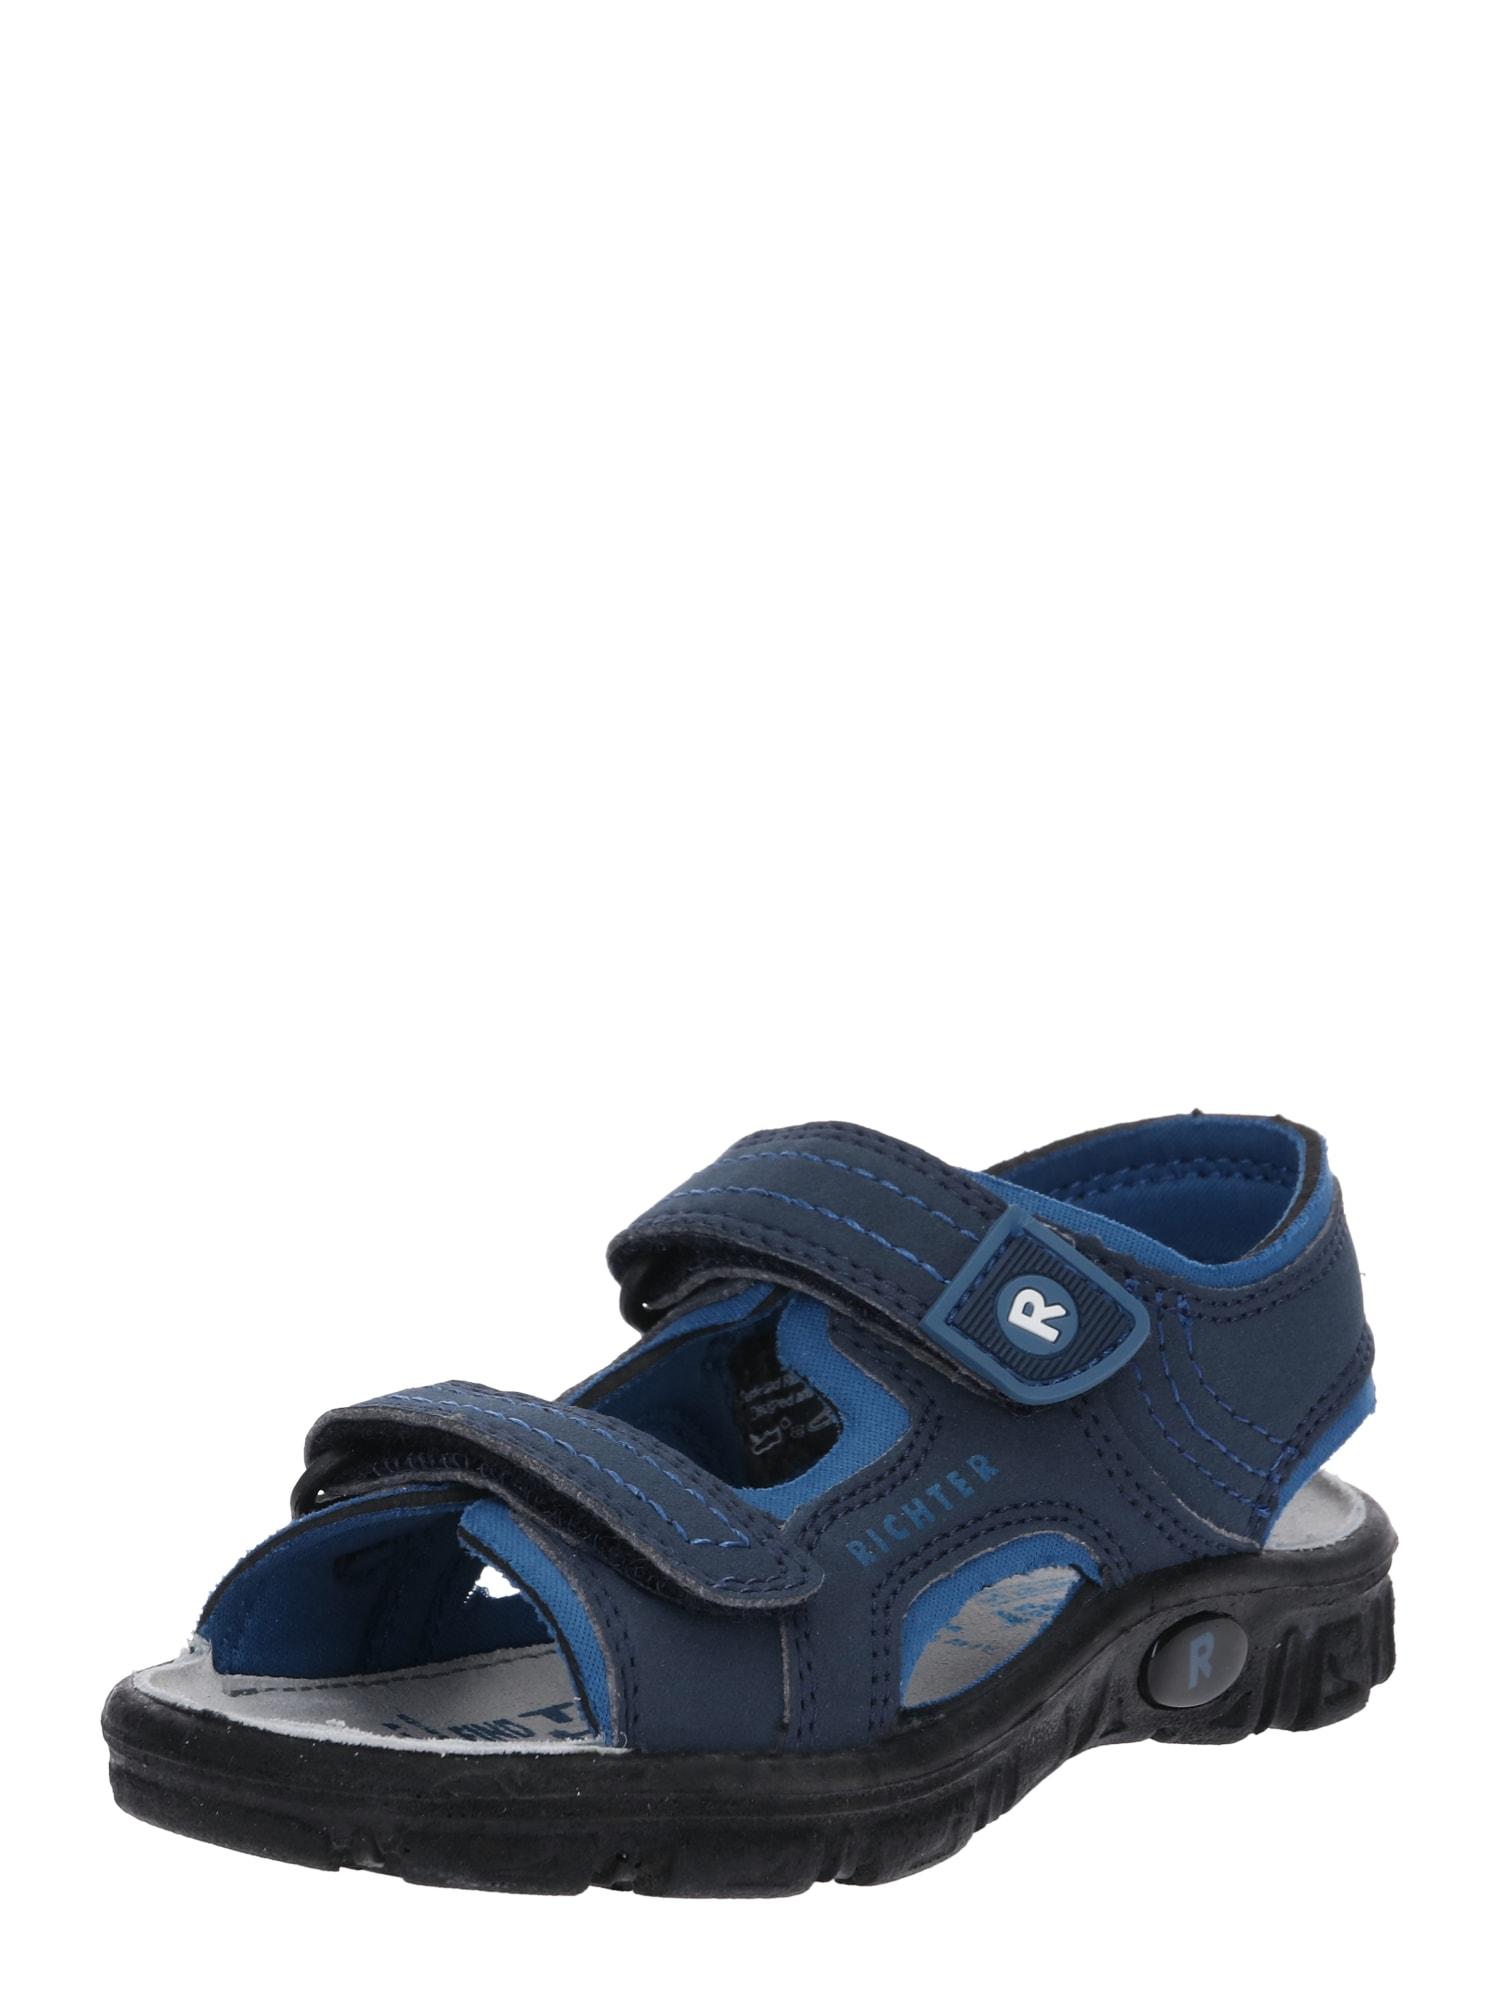 Otevřená obuv modrá RICHTER